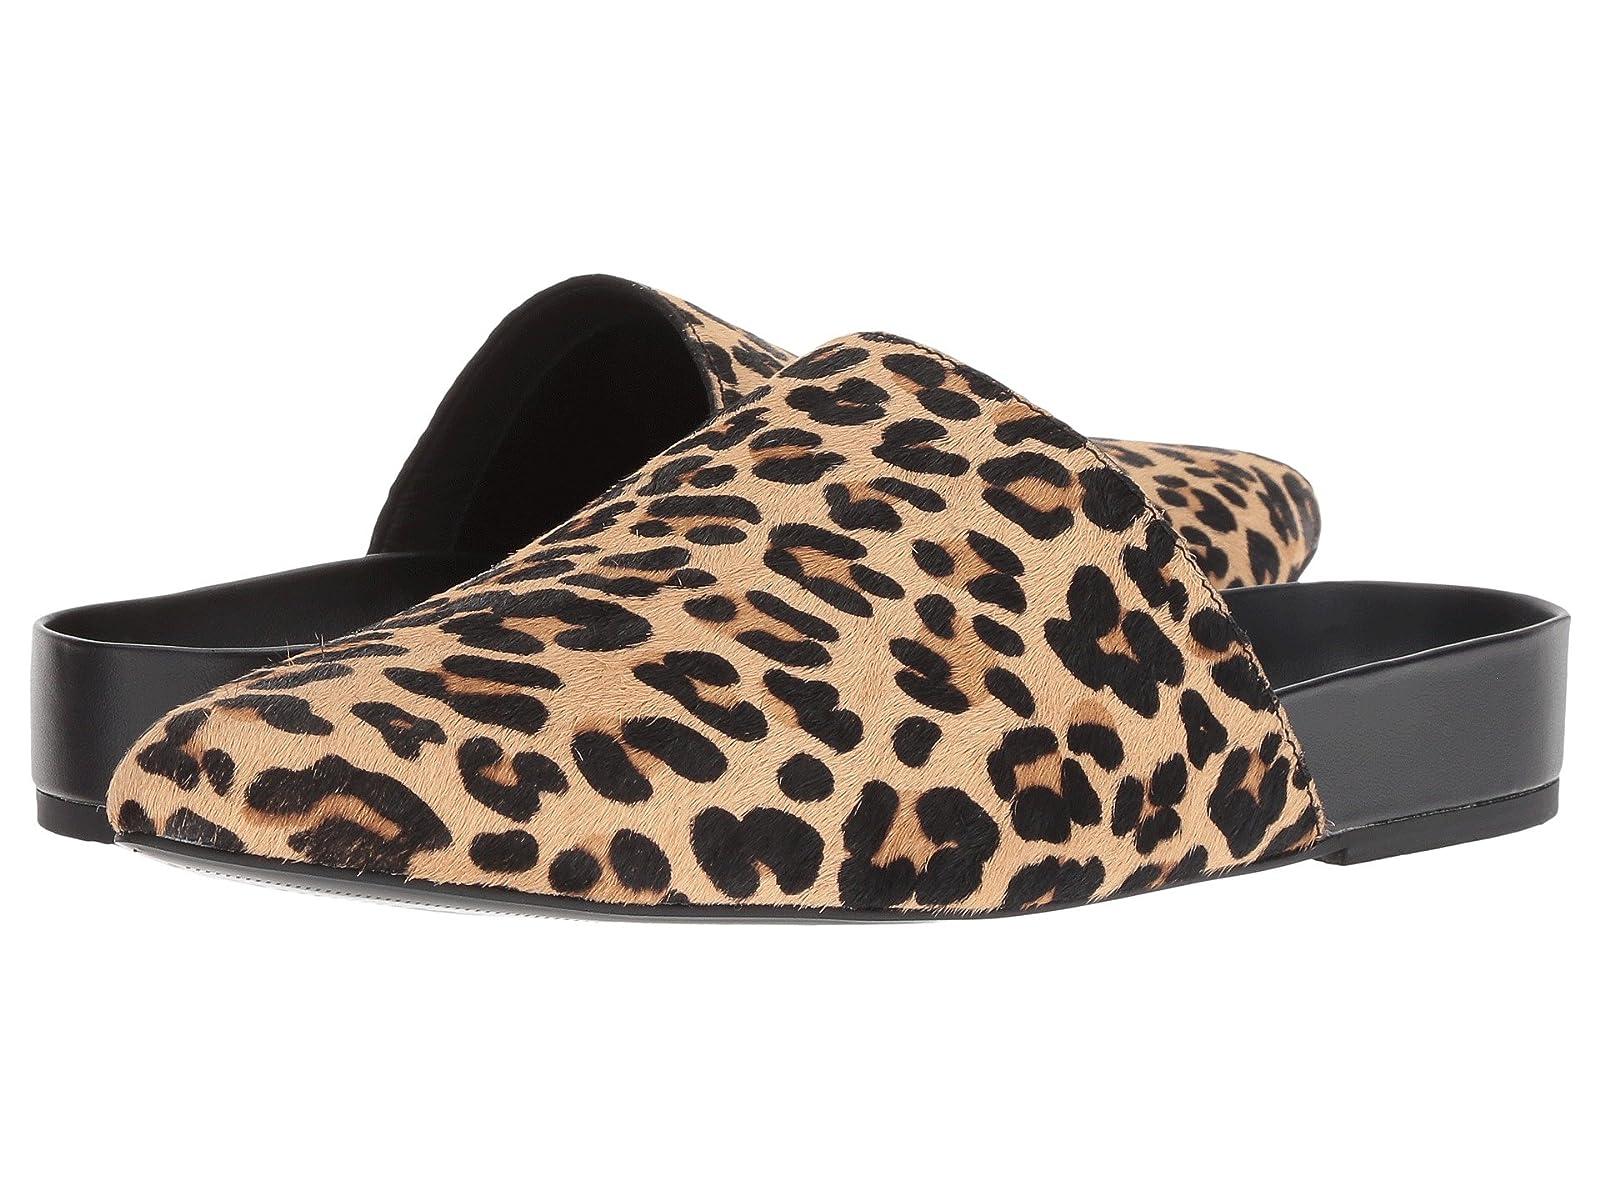 Steven Varner-LAtmospheric grades have affordable shoes